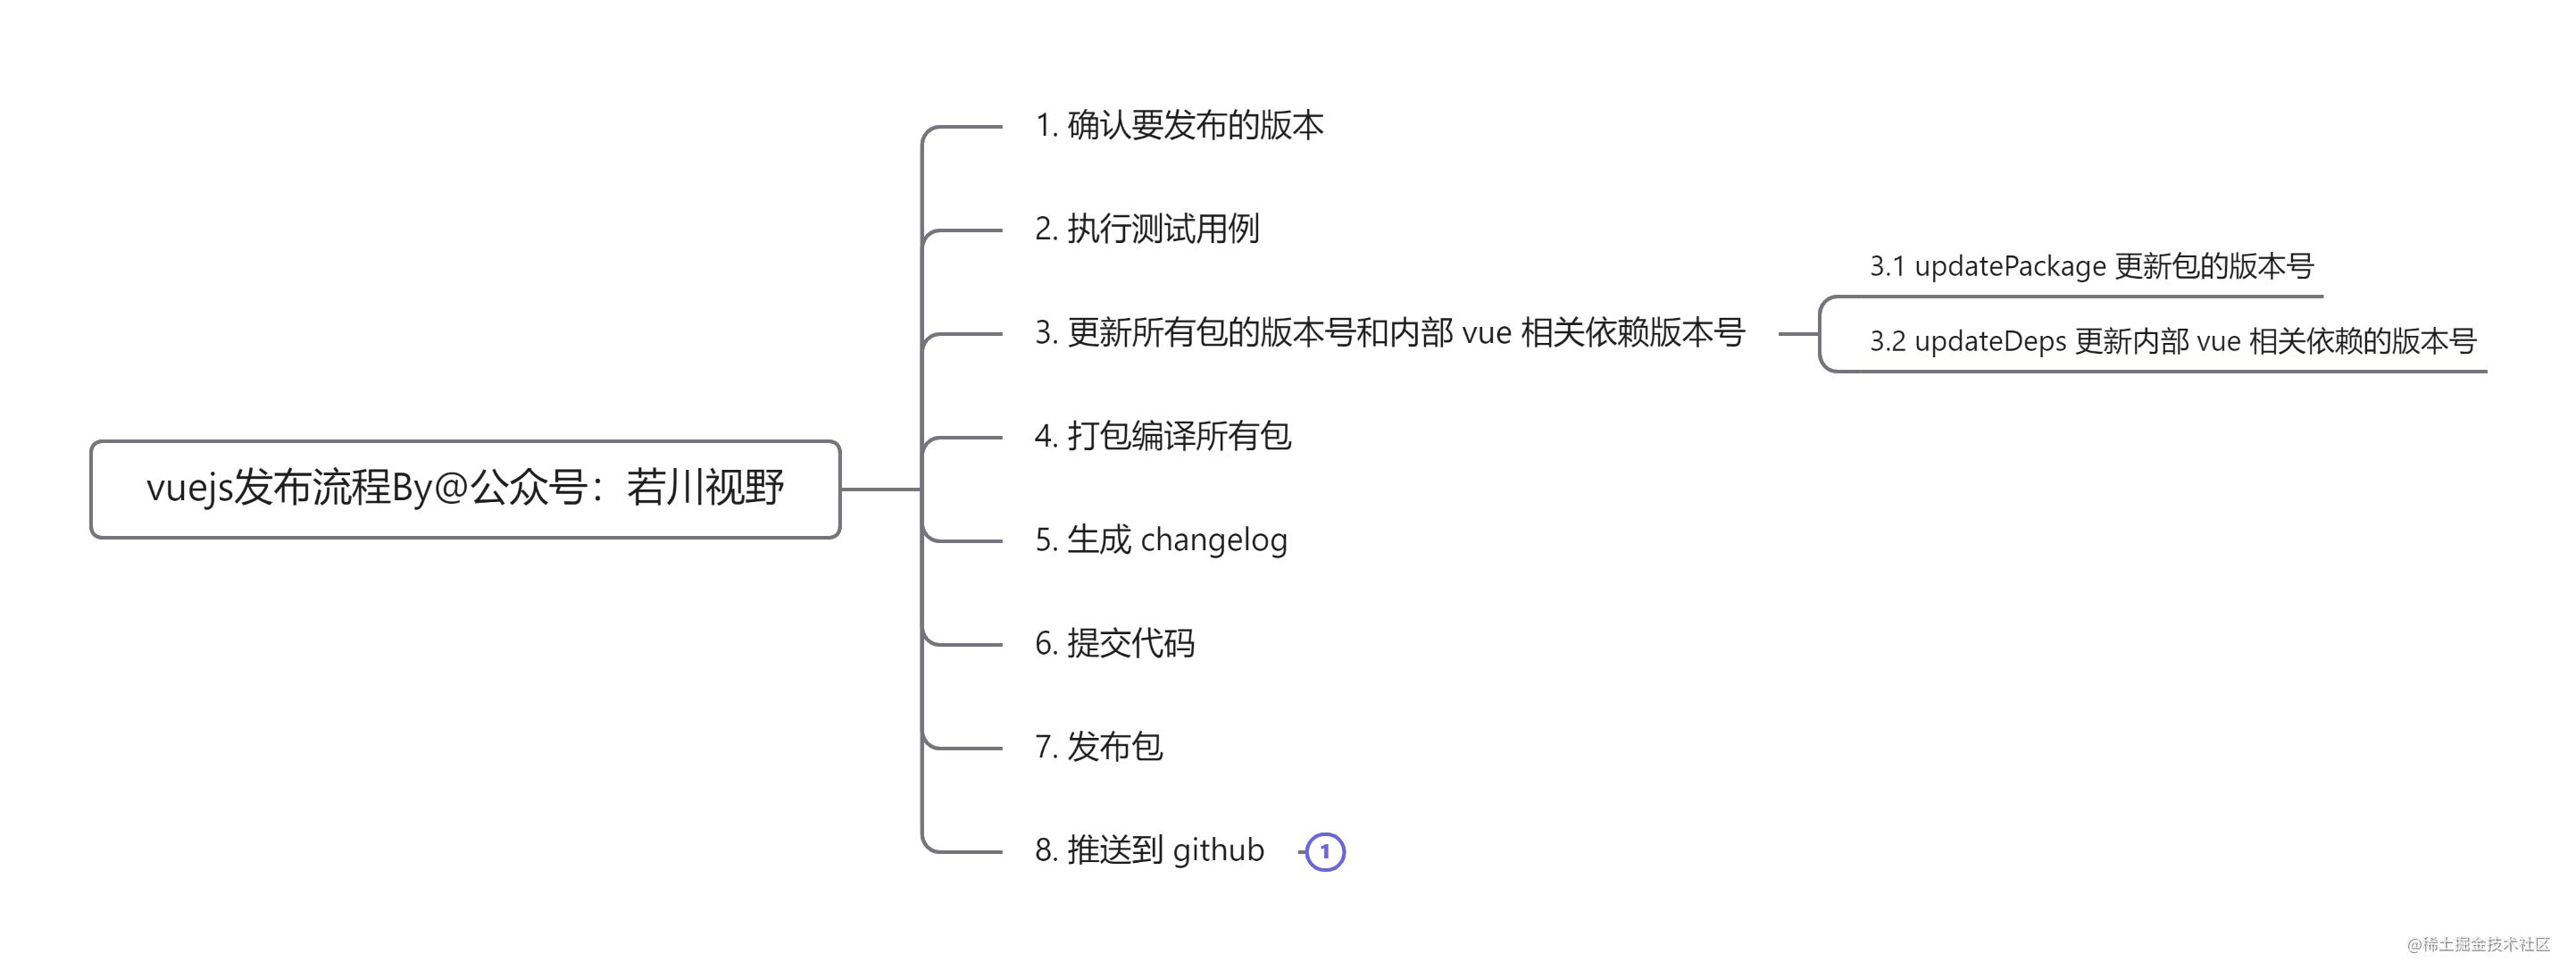 vue 发布流程